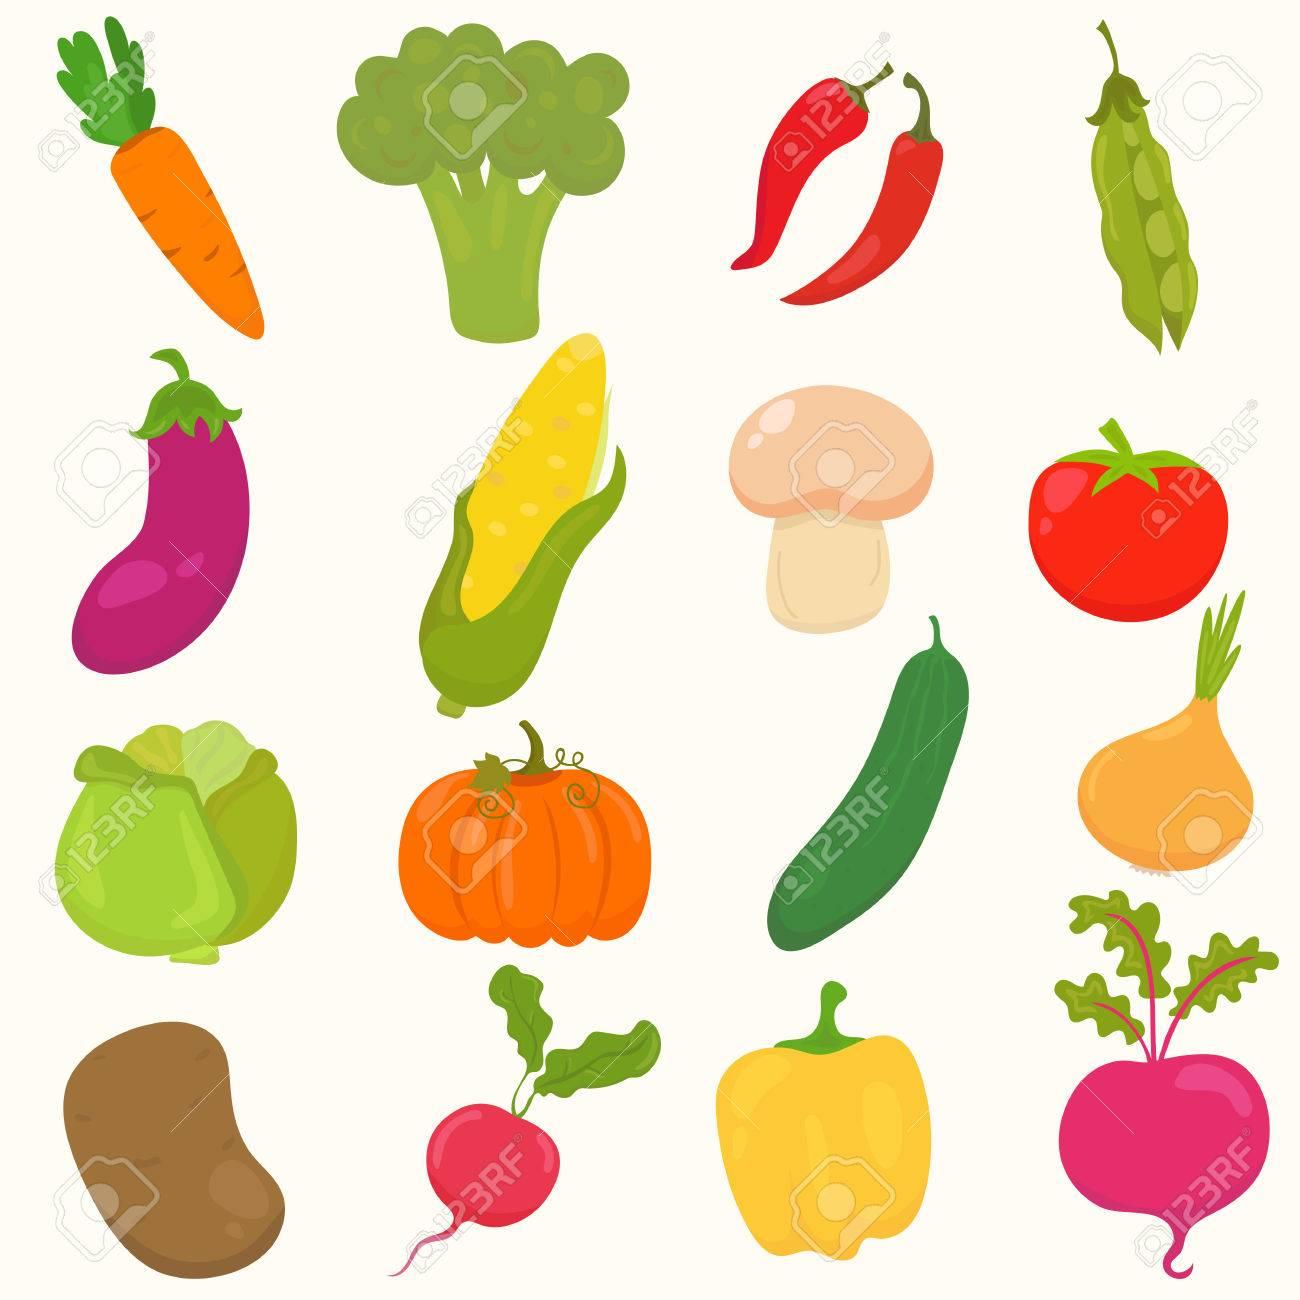 Conjunto De Dibujado A Mano Verduras De Dibujos Animados Ilustración Vectorial